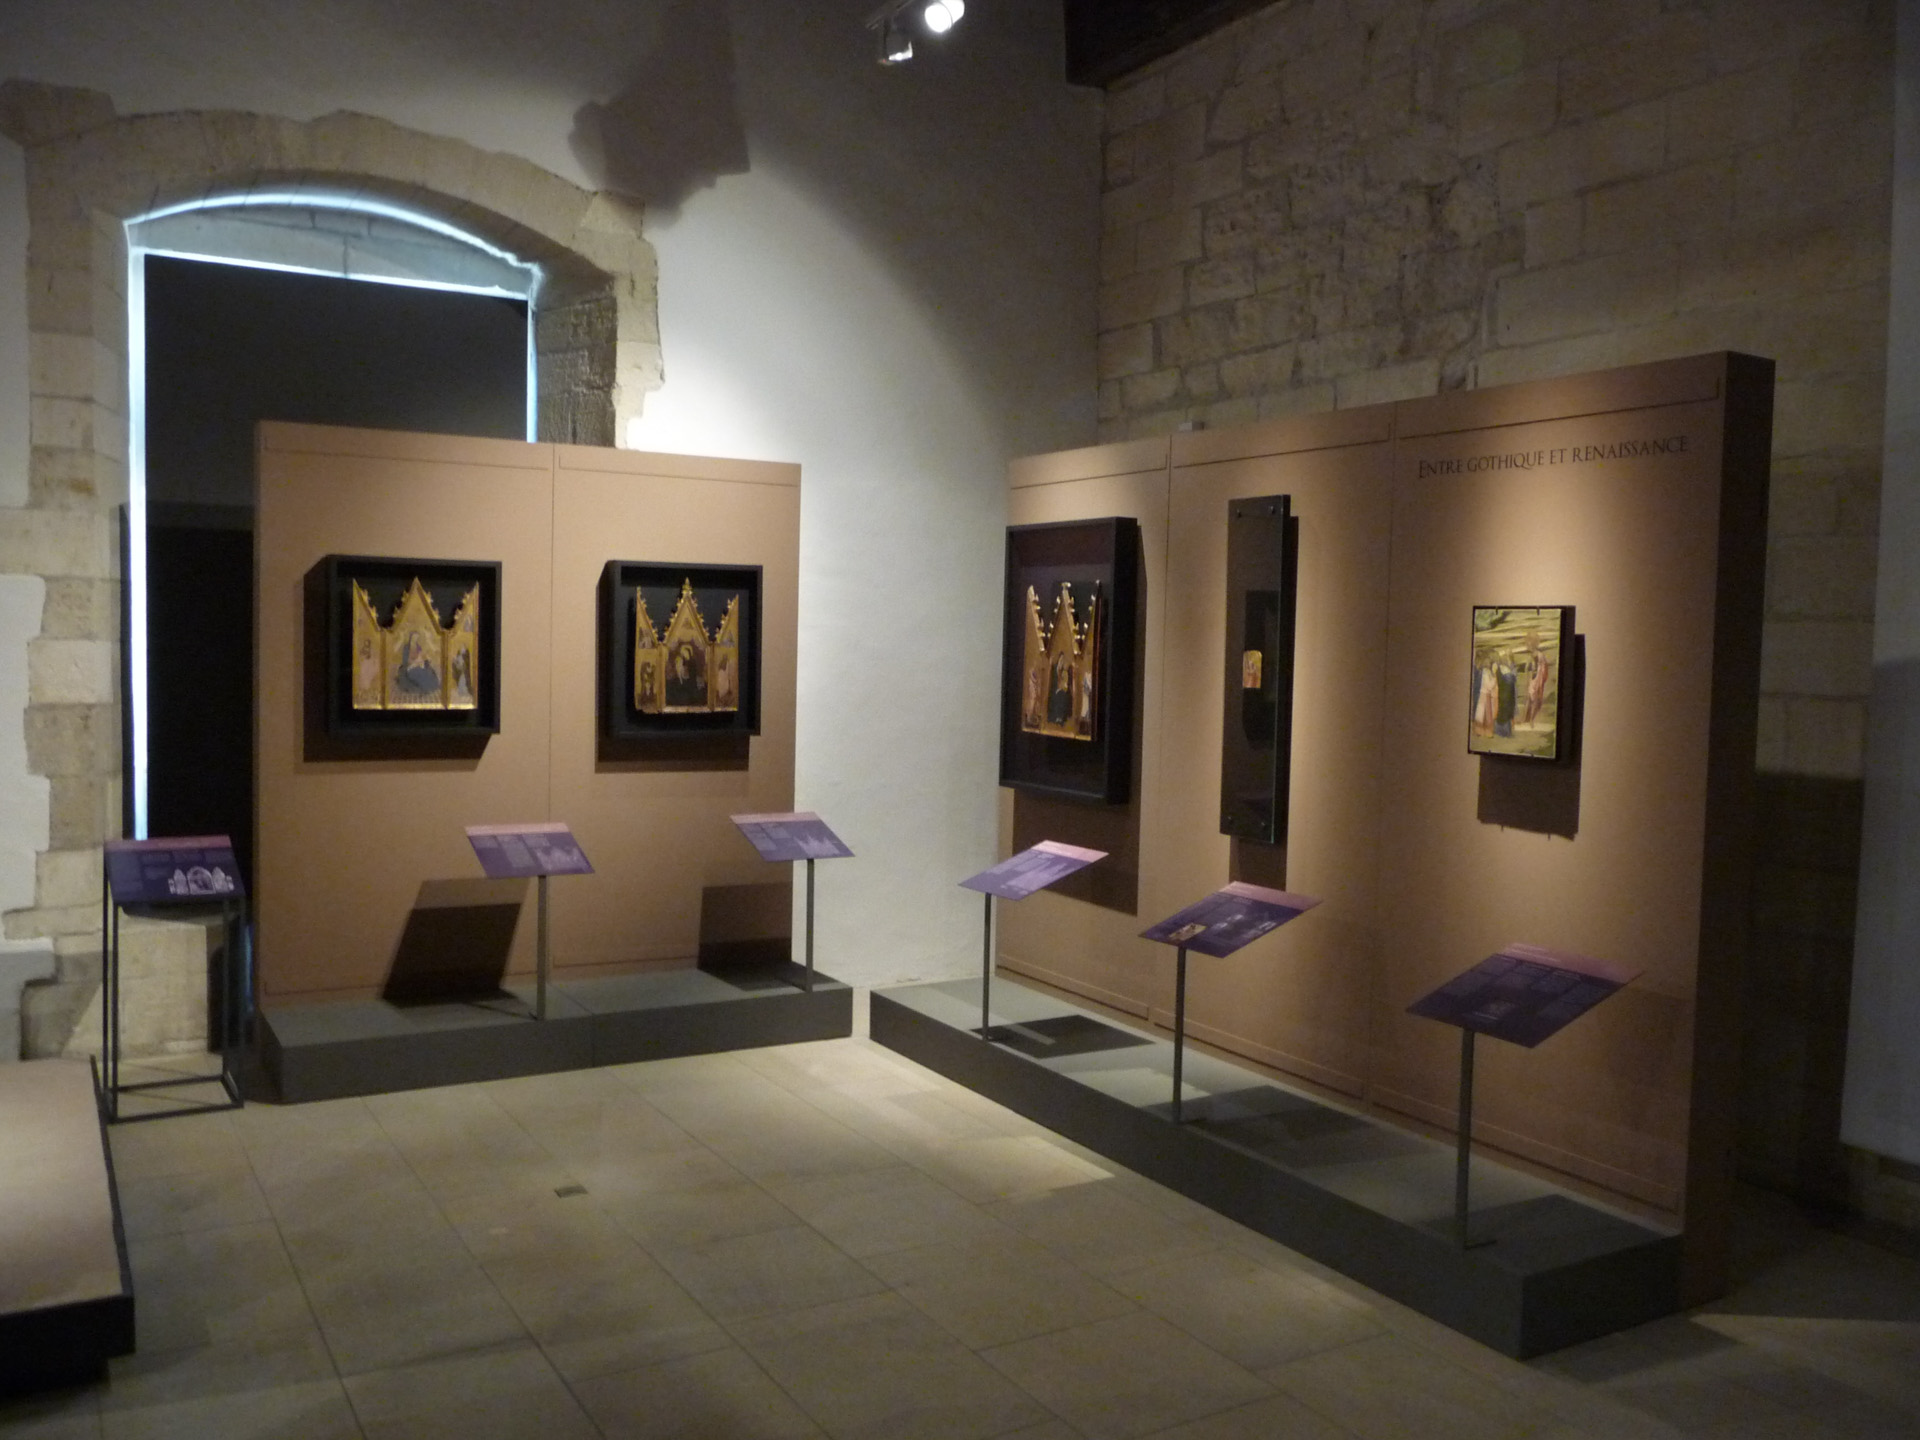 007-AtelierTournillon-Avignon-Sienne